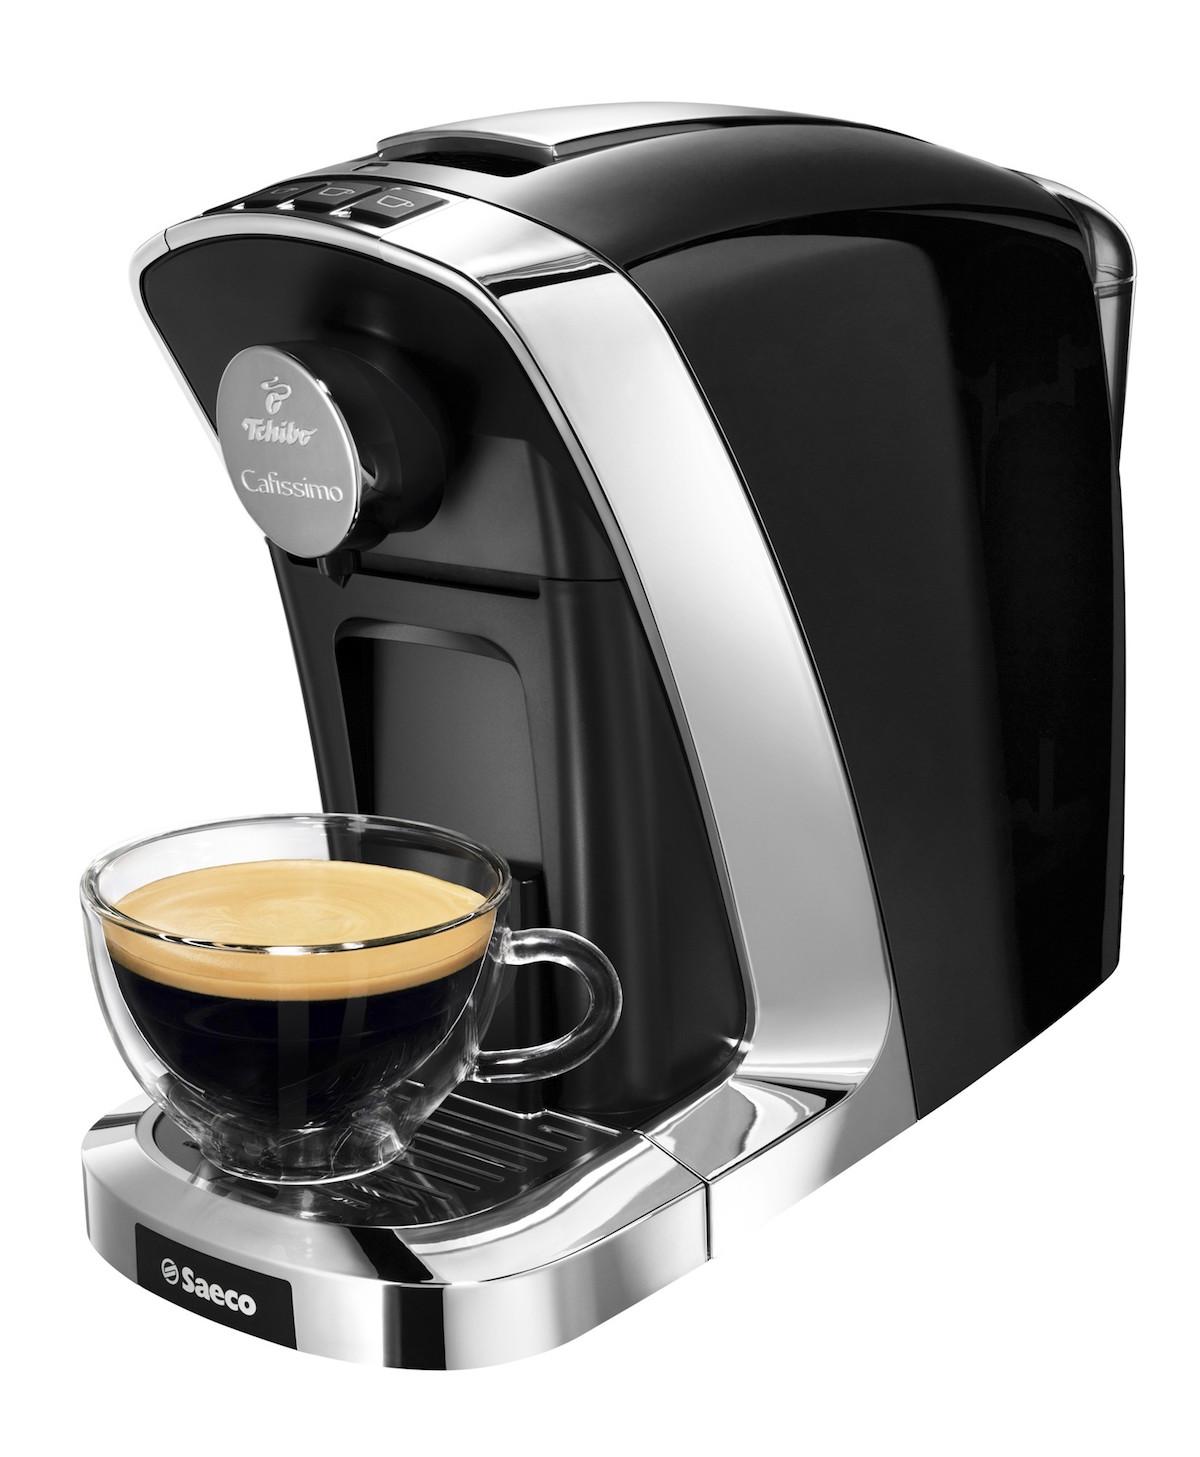 Nový kávovar Tuttocaffe má rozměry 15 na 26,5 na 36 centimetrů, vejde se do něj 0,7 litru vody, po 9 minutách se automaticky vypne